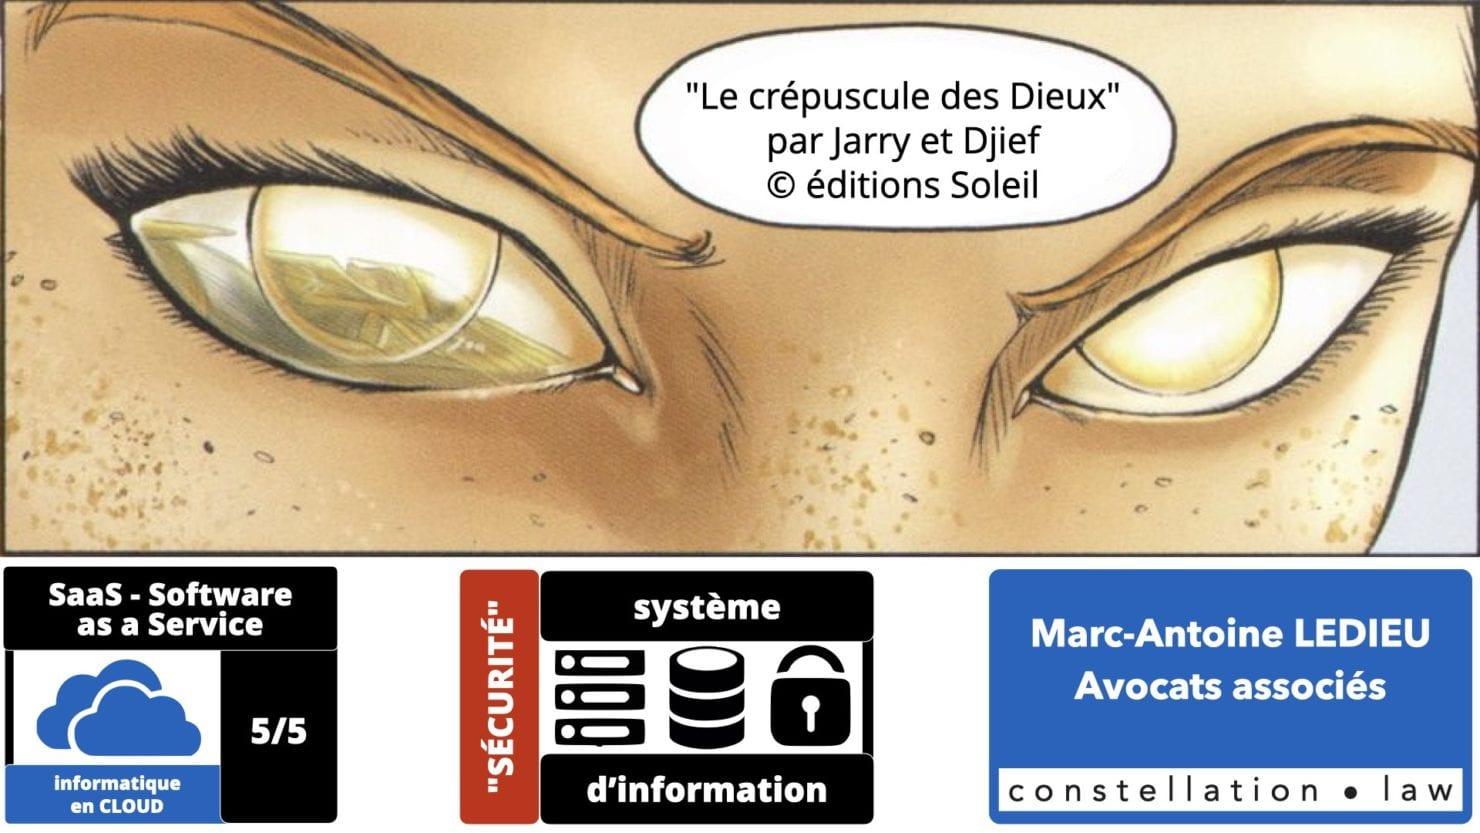 341 technique et droit du numérique le blog en BD © Ledieu-Avocats GENERIQUE 2021.030